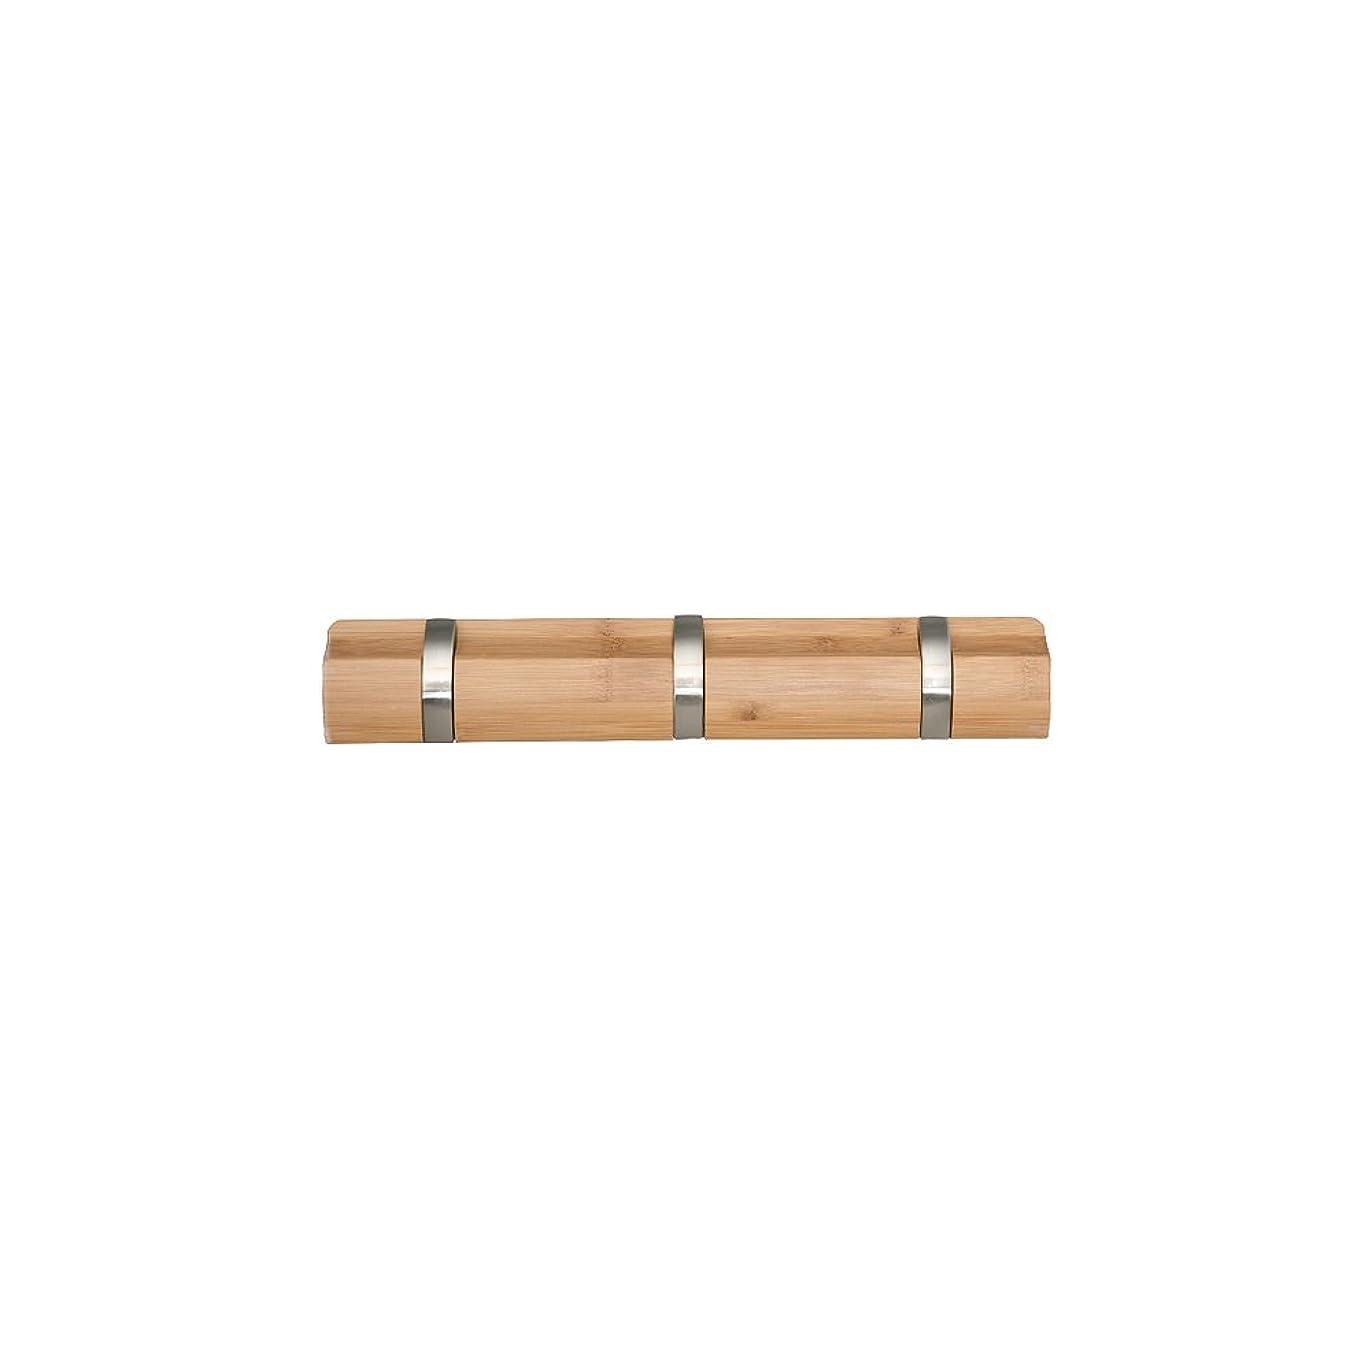 排除する肝小道具ドウシシャ 壁掛けフック ウォールハンガー3連  省スペース  ナチュラル 幅33.5×奥行2.5-5.2×高さ5.8cm W3HOOK-NA